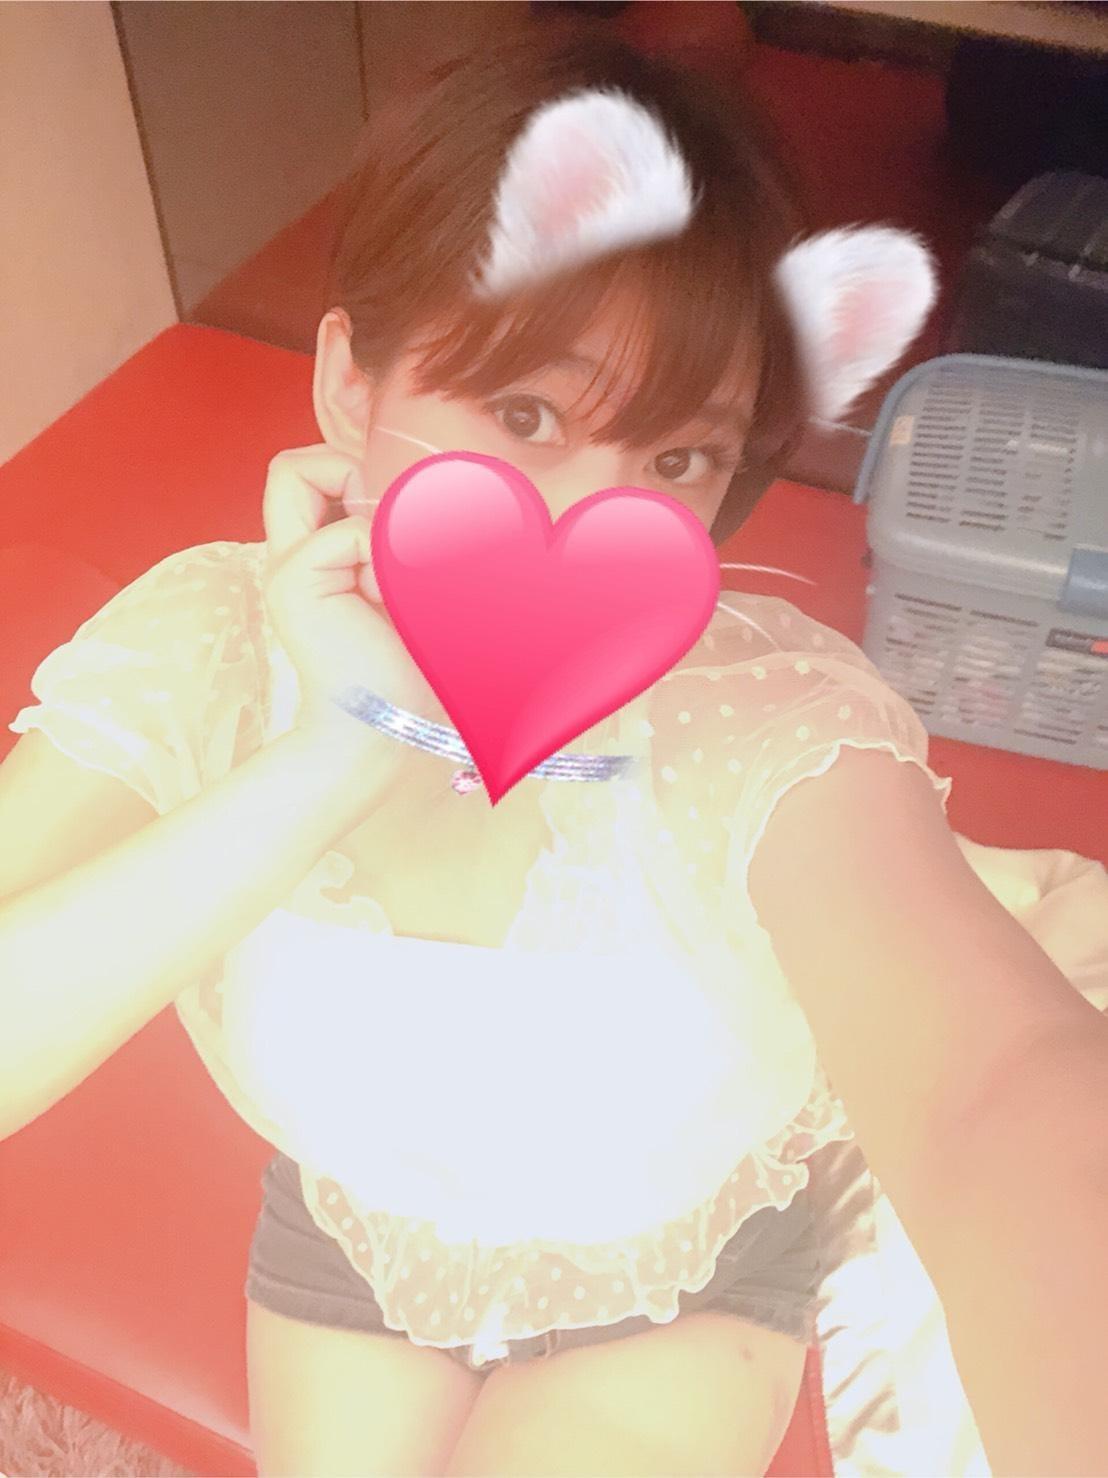 「終わりまして♡」08/19(08/19) 00:05 | ミラン★H度NO1コスプレーヤーの写メ・風俗動画